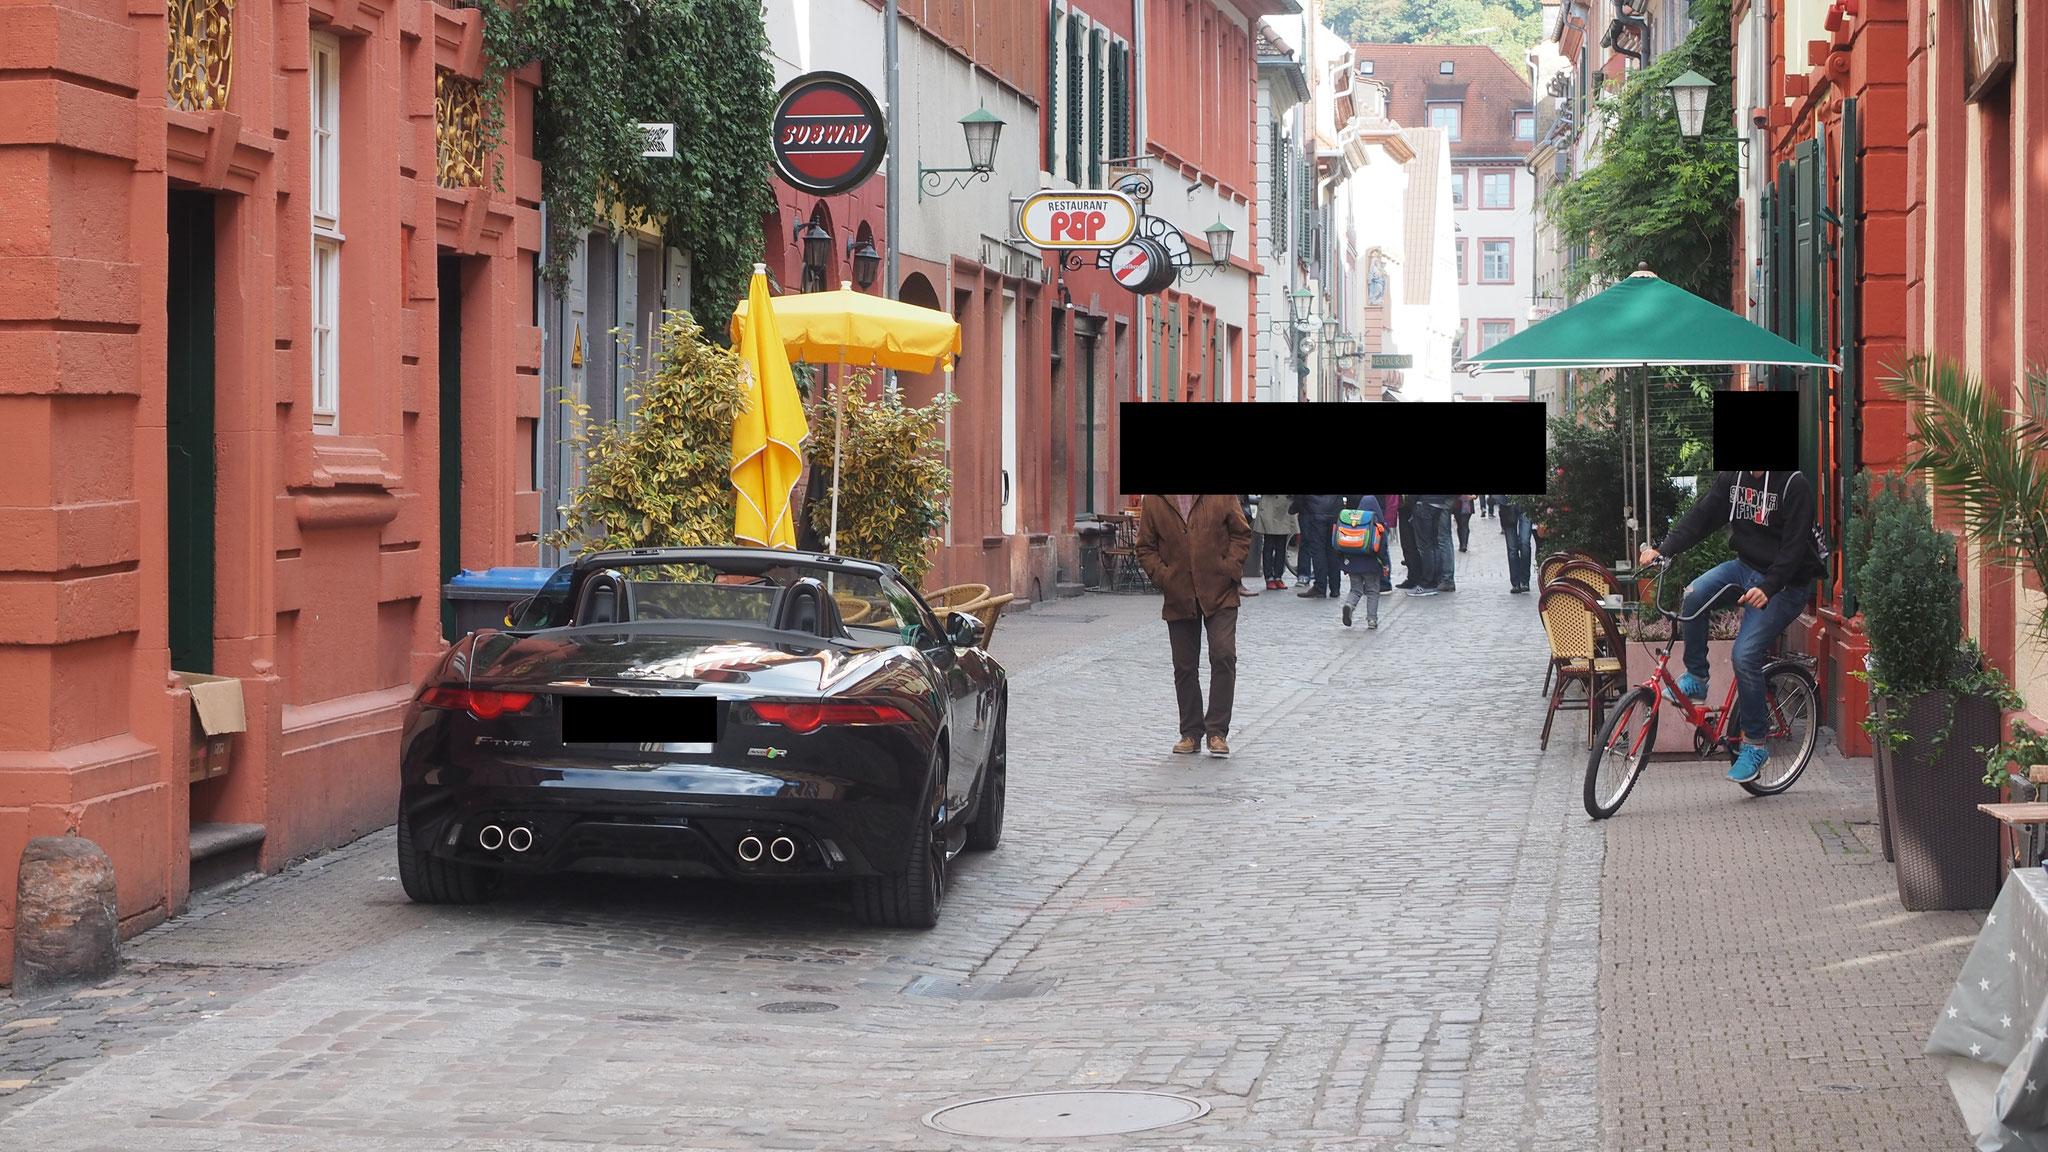 Parken in der Unteren Strasse